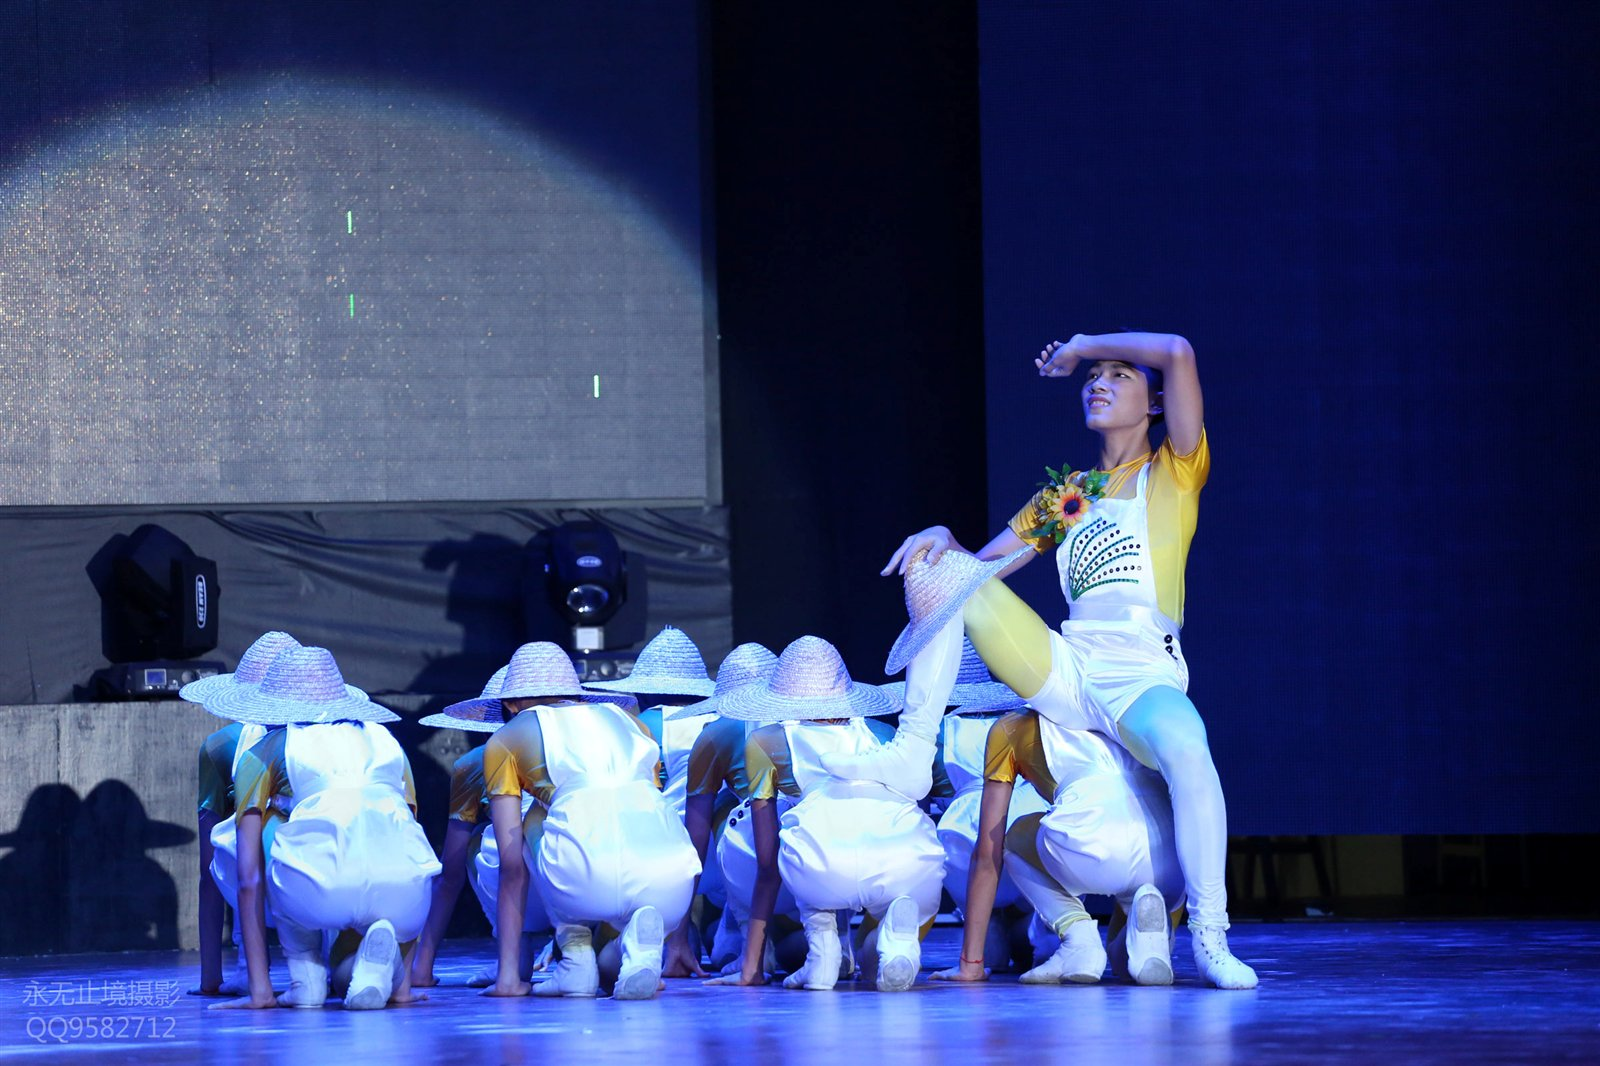 【舞台摄影】琼海市第七届中学生文化艺术节舞蹈专场全记录(多图)